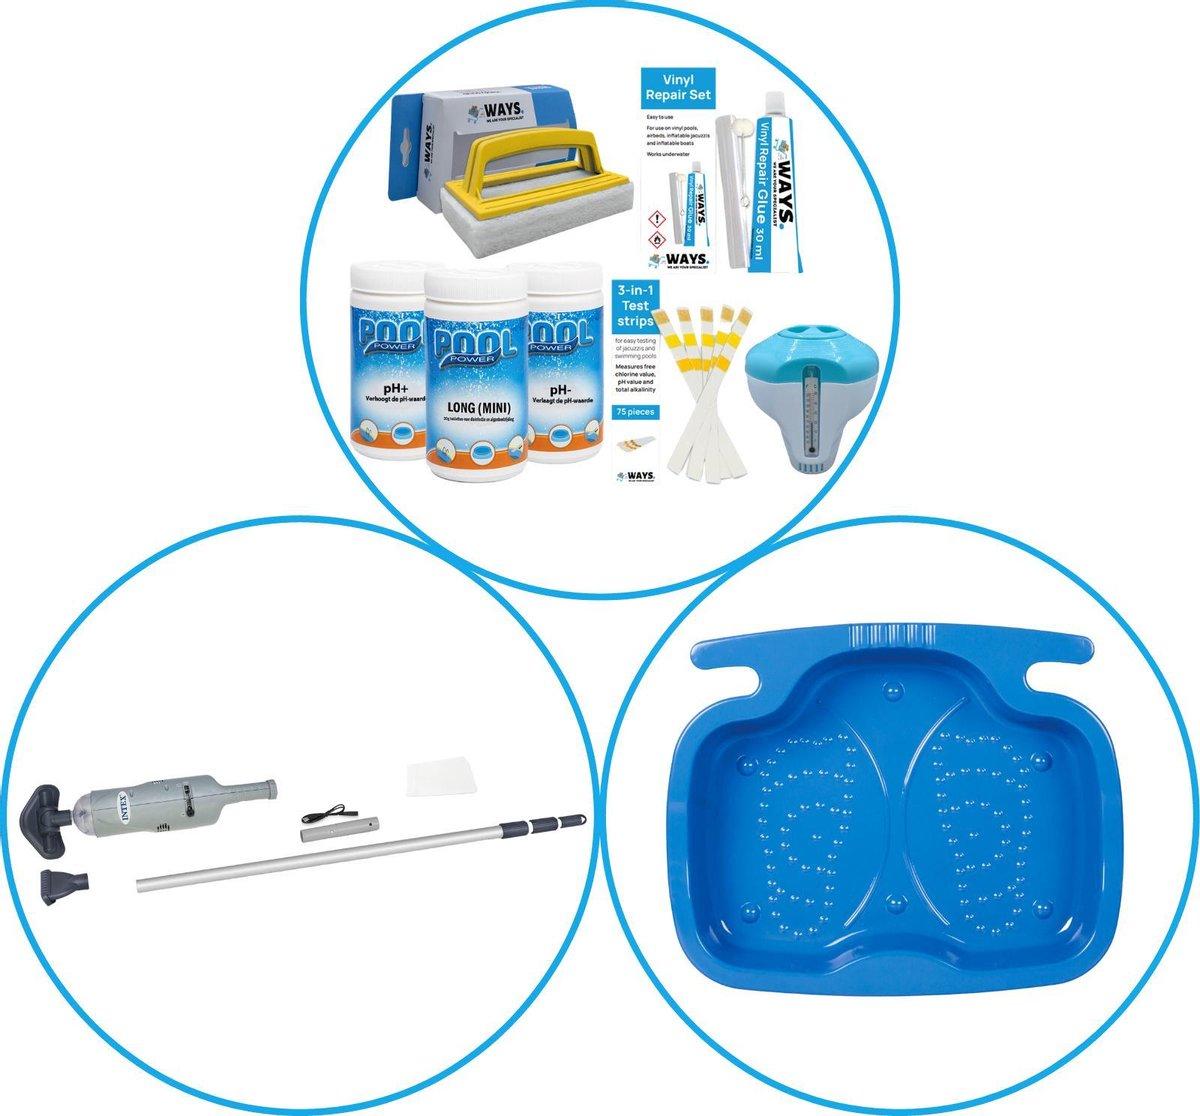 Zwembad Accessoirepakket 3-delig - WAYS Onderhoudspakket & Zwembad stofzuiger & Voetenbad